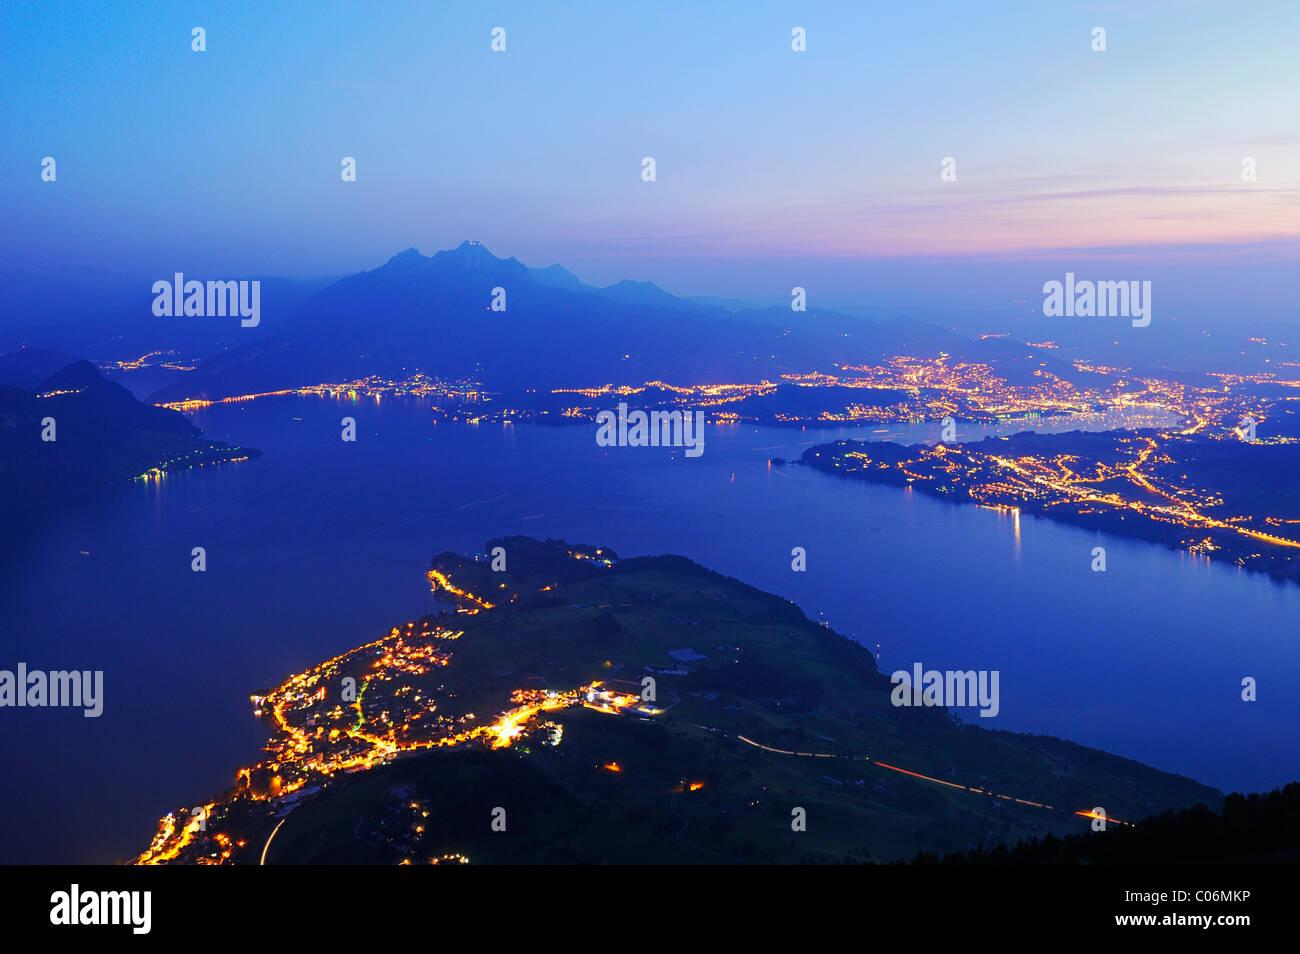 Il lago di Lucerna con la città di Lucerna, nella distanza, Monte Pilatus, Lucerna, Svizzera, Europa Immagini Stock